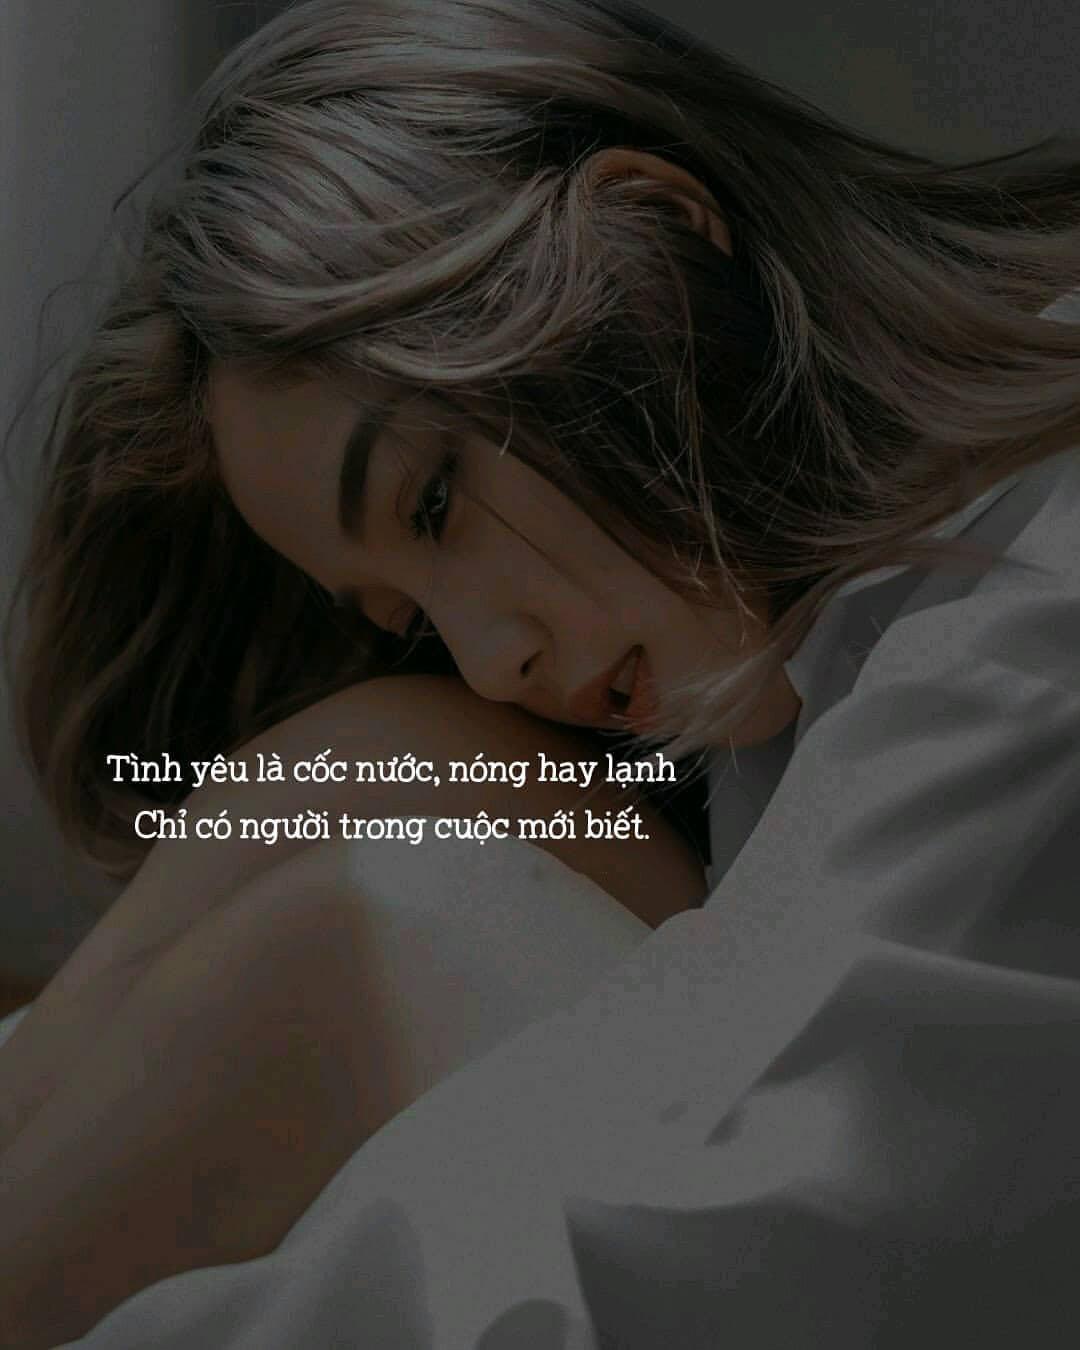 Ảnh quotes buồn ý nghĩa trong tình yêu